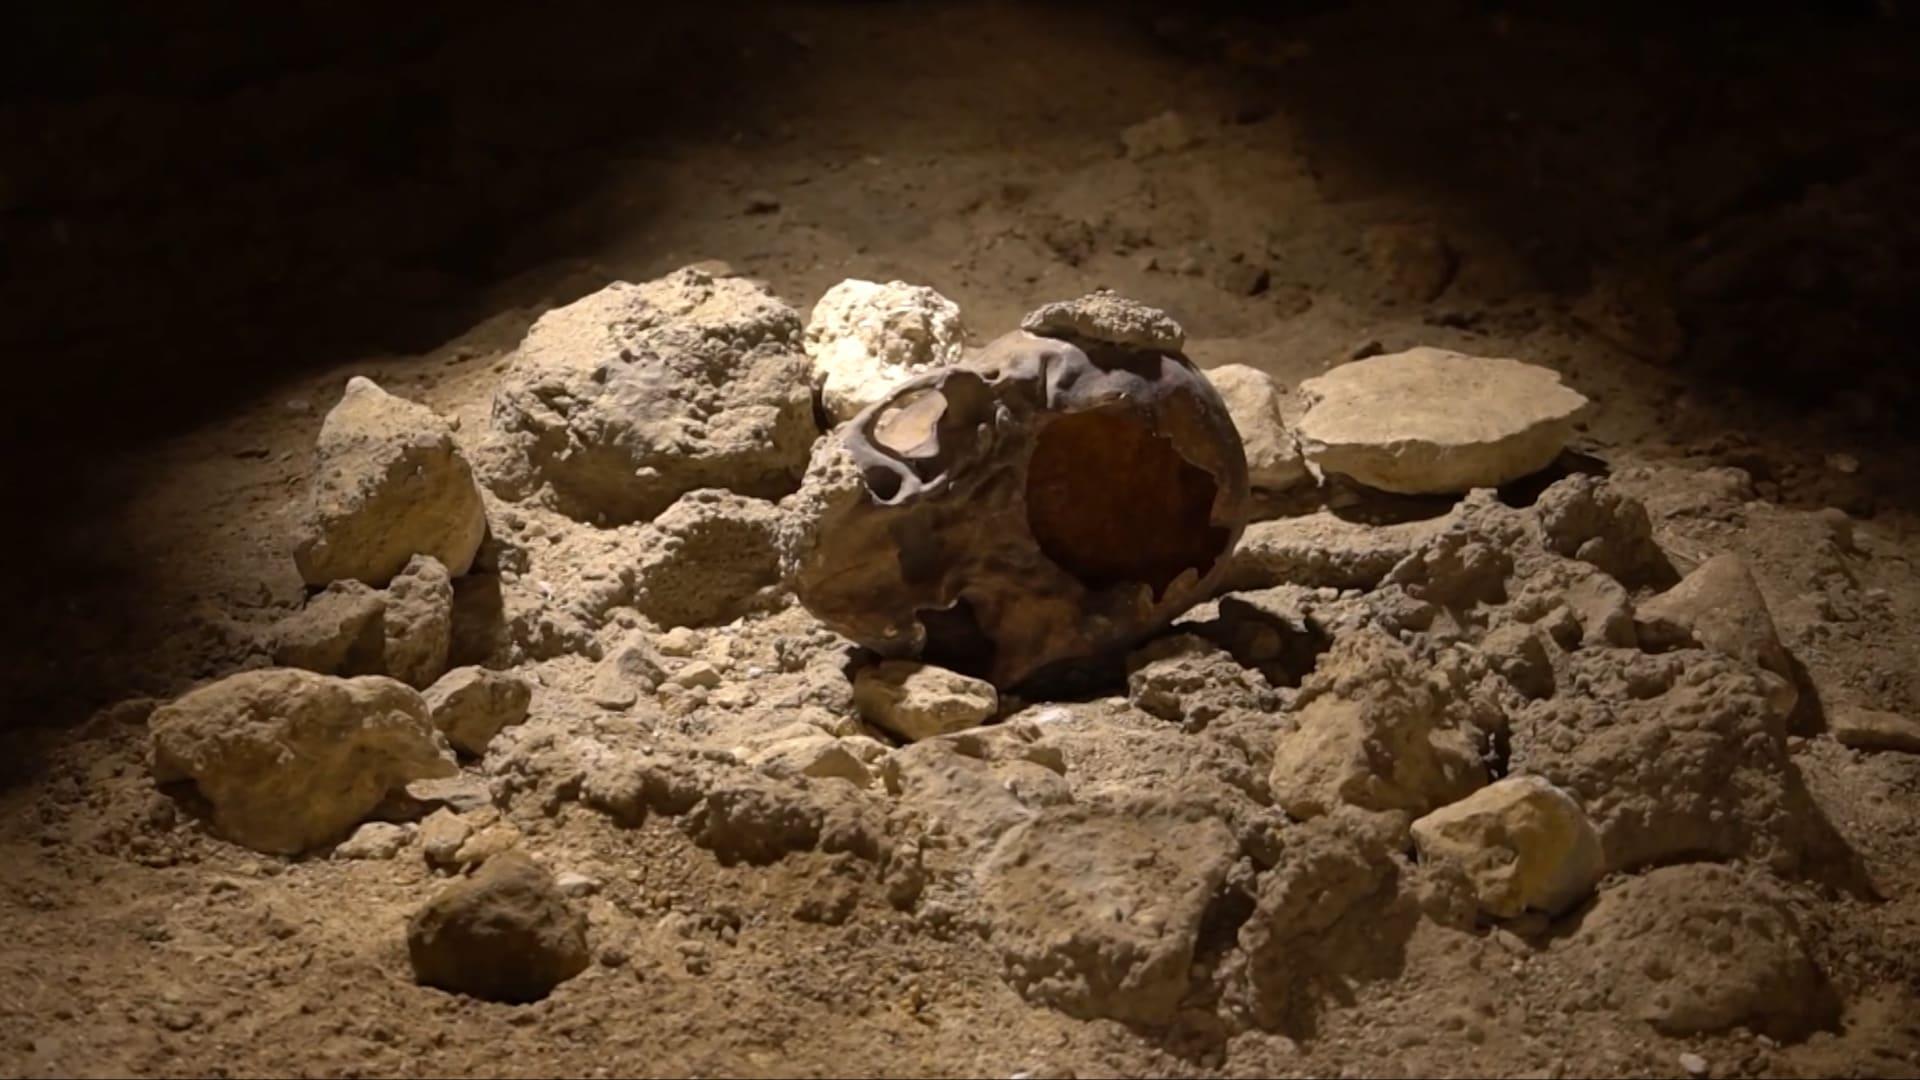 يُعتقد أنهم لقوا حتفهم بسبب الضباع.. اكتشاف بقايا إنسان نياندرتال بإيطاليا تعود لعشرات الآلاف من الأعوام